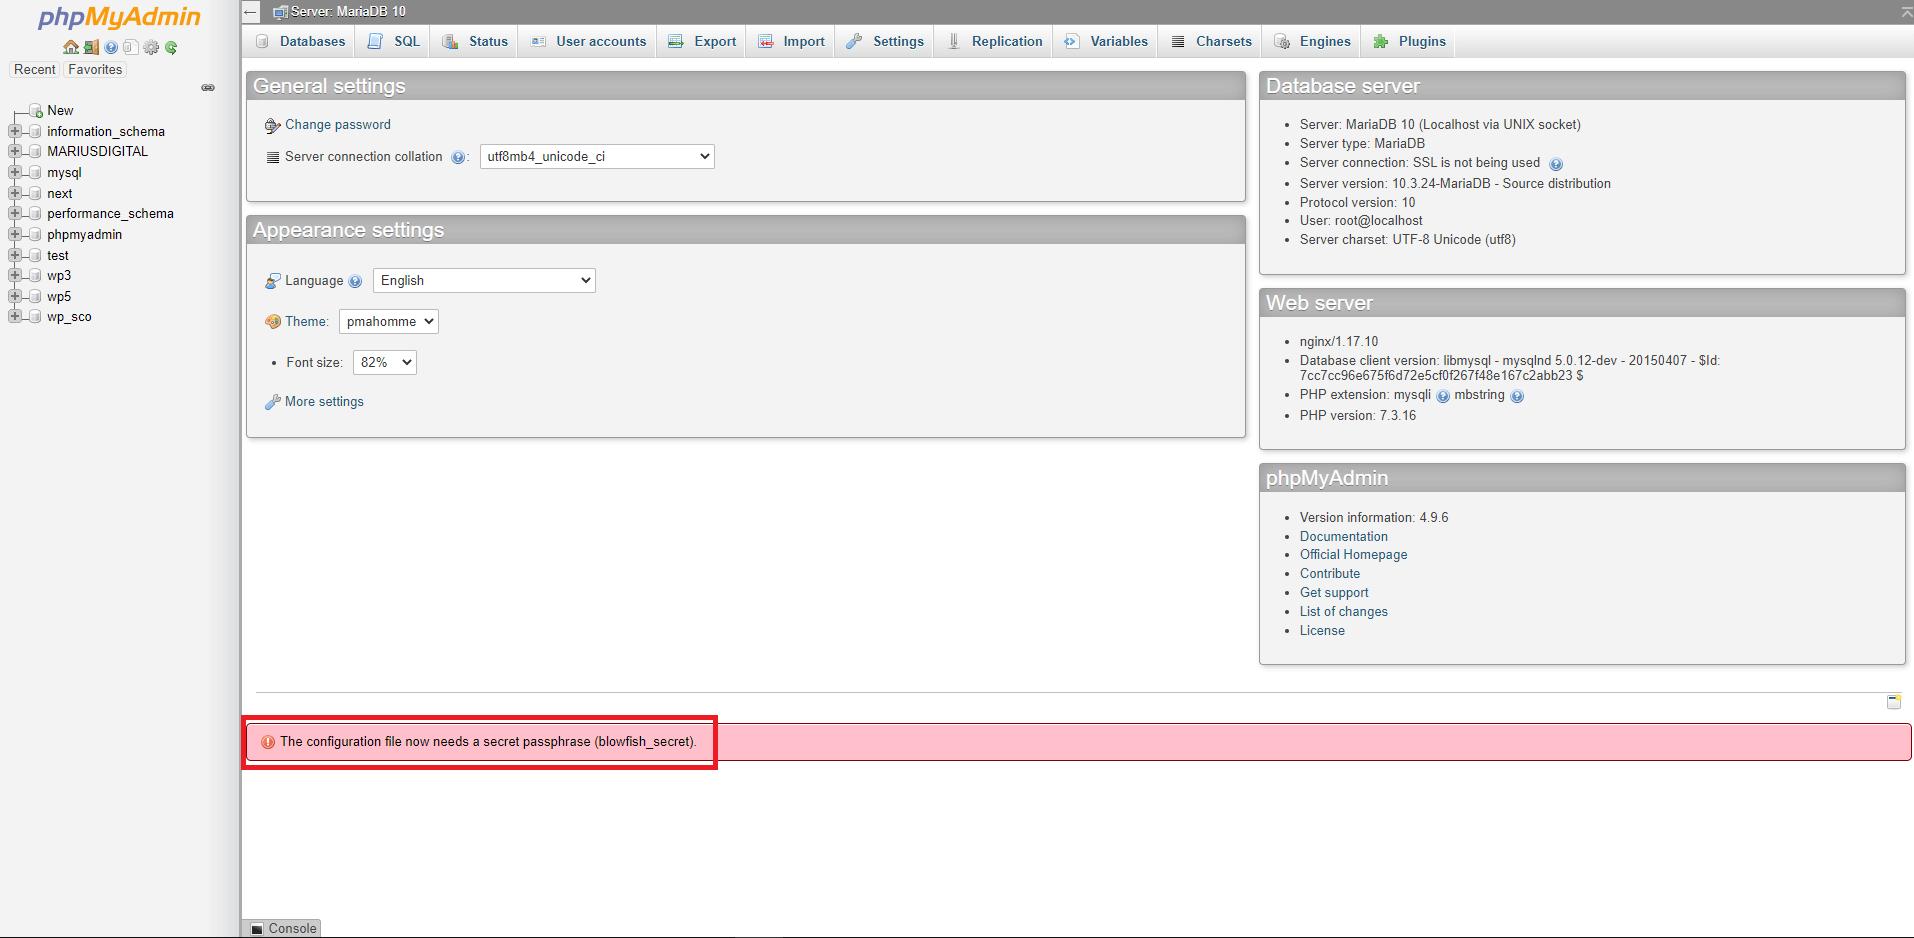 The configuration file now needs a secret passphrase (blowfish_secret)